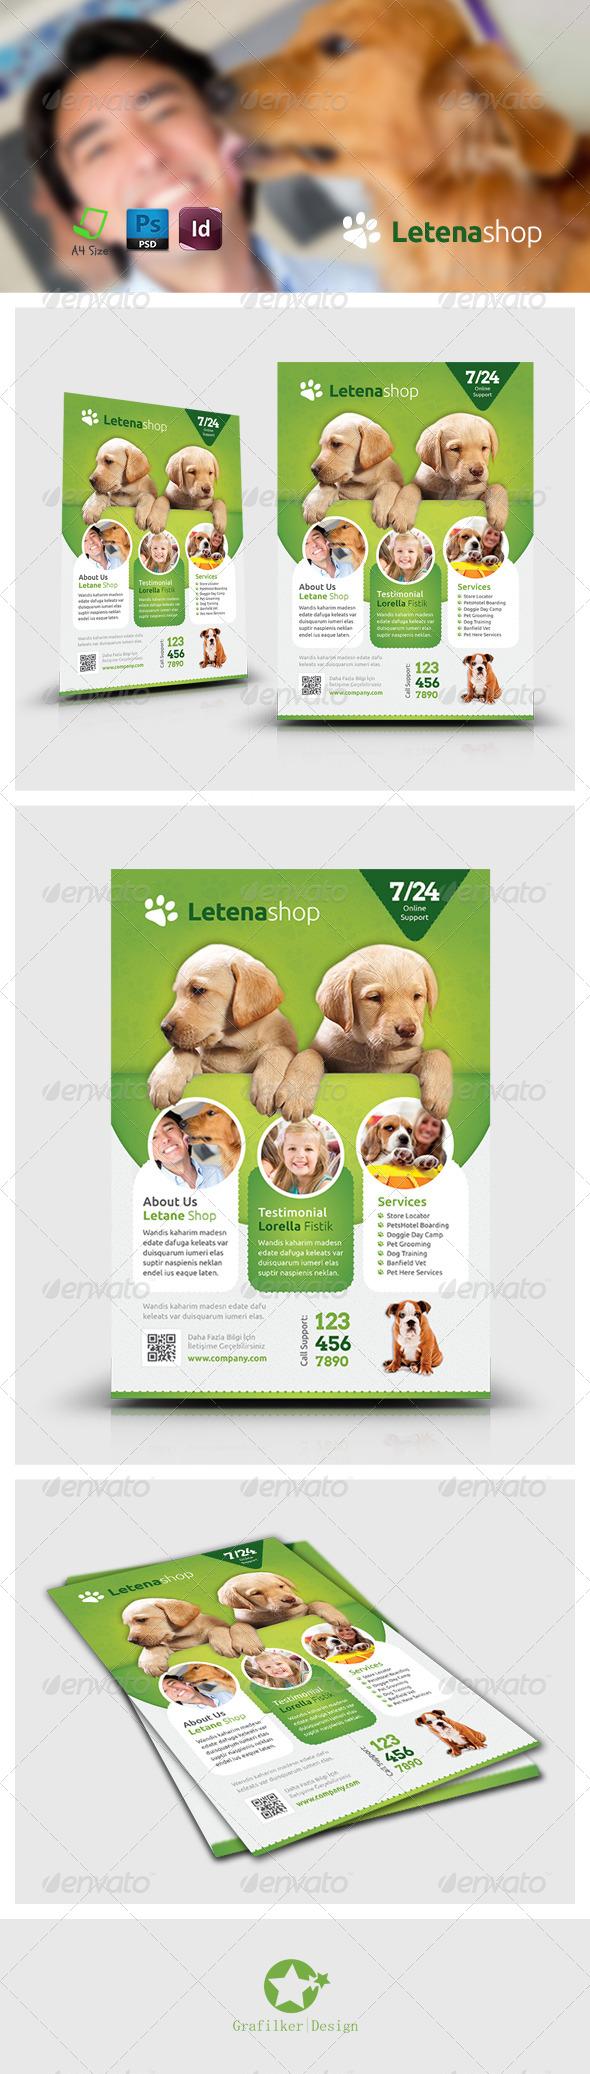 GraphicRiver Pet Shop Flyer Templates 7486321